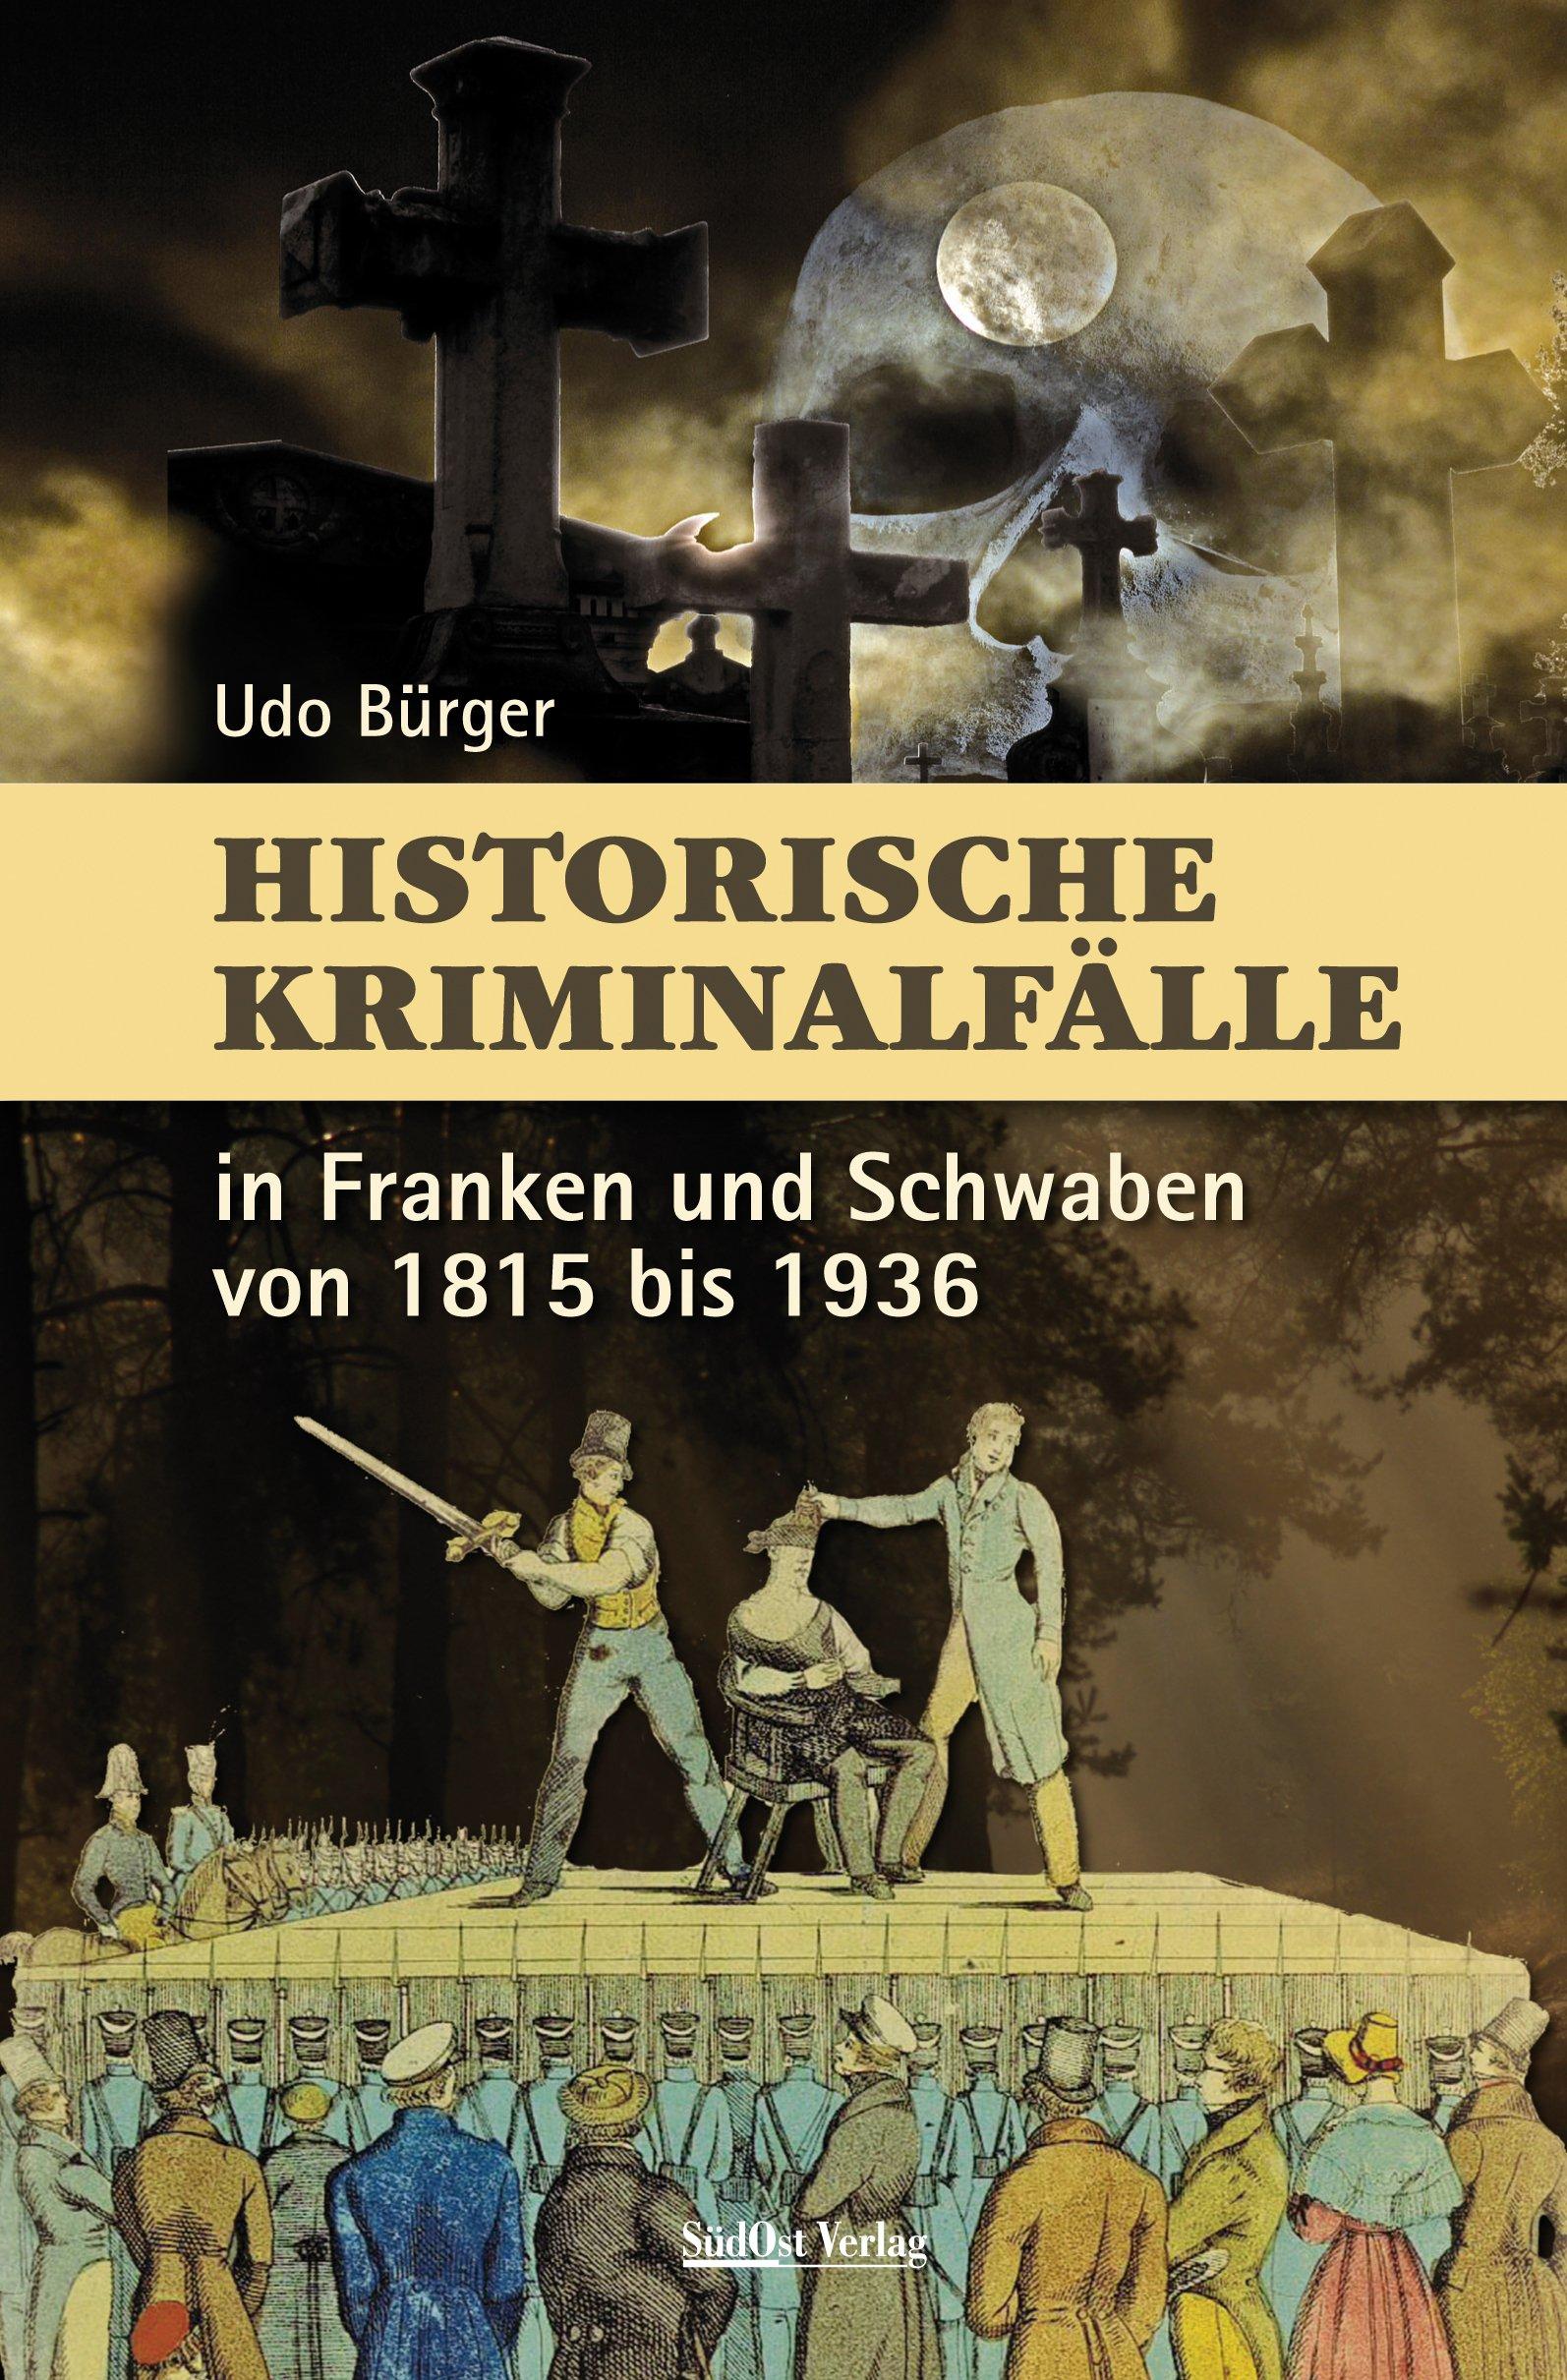 Historische Kriminalfälle: in Franken und Schwaben von 1815 bis 1936